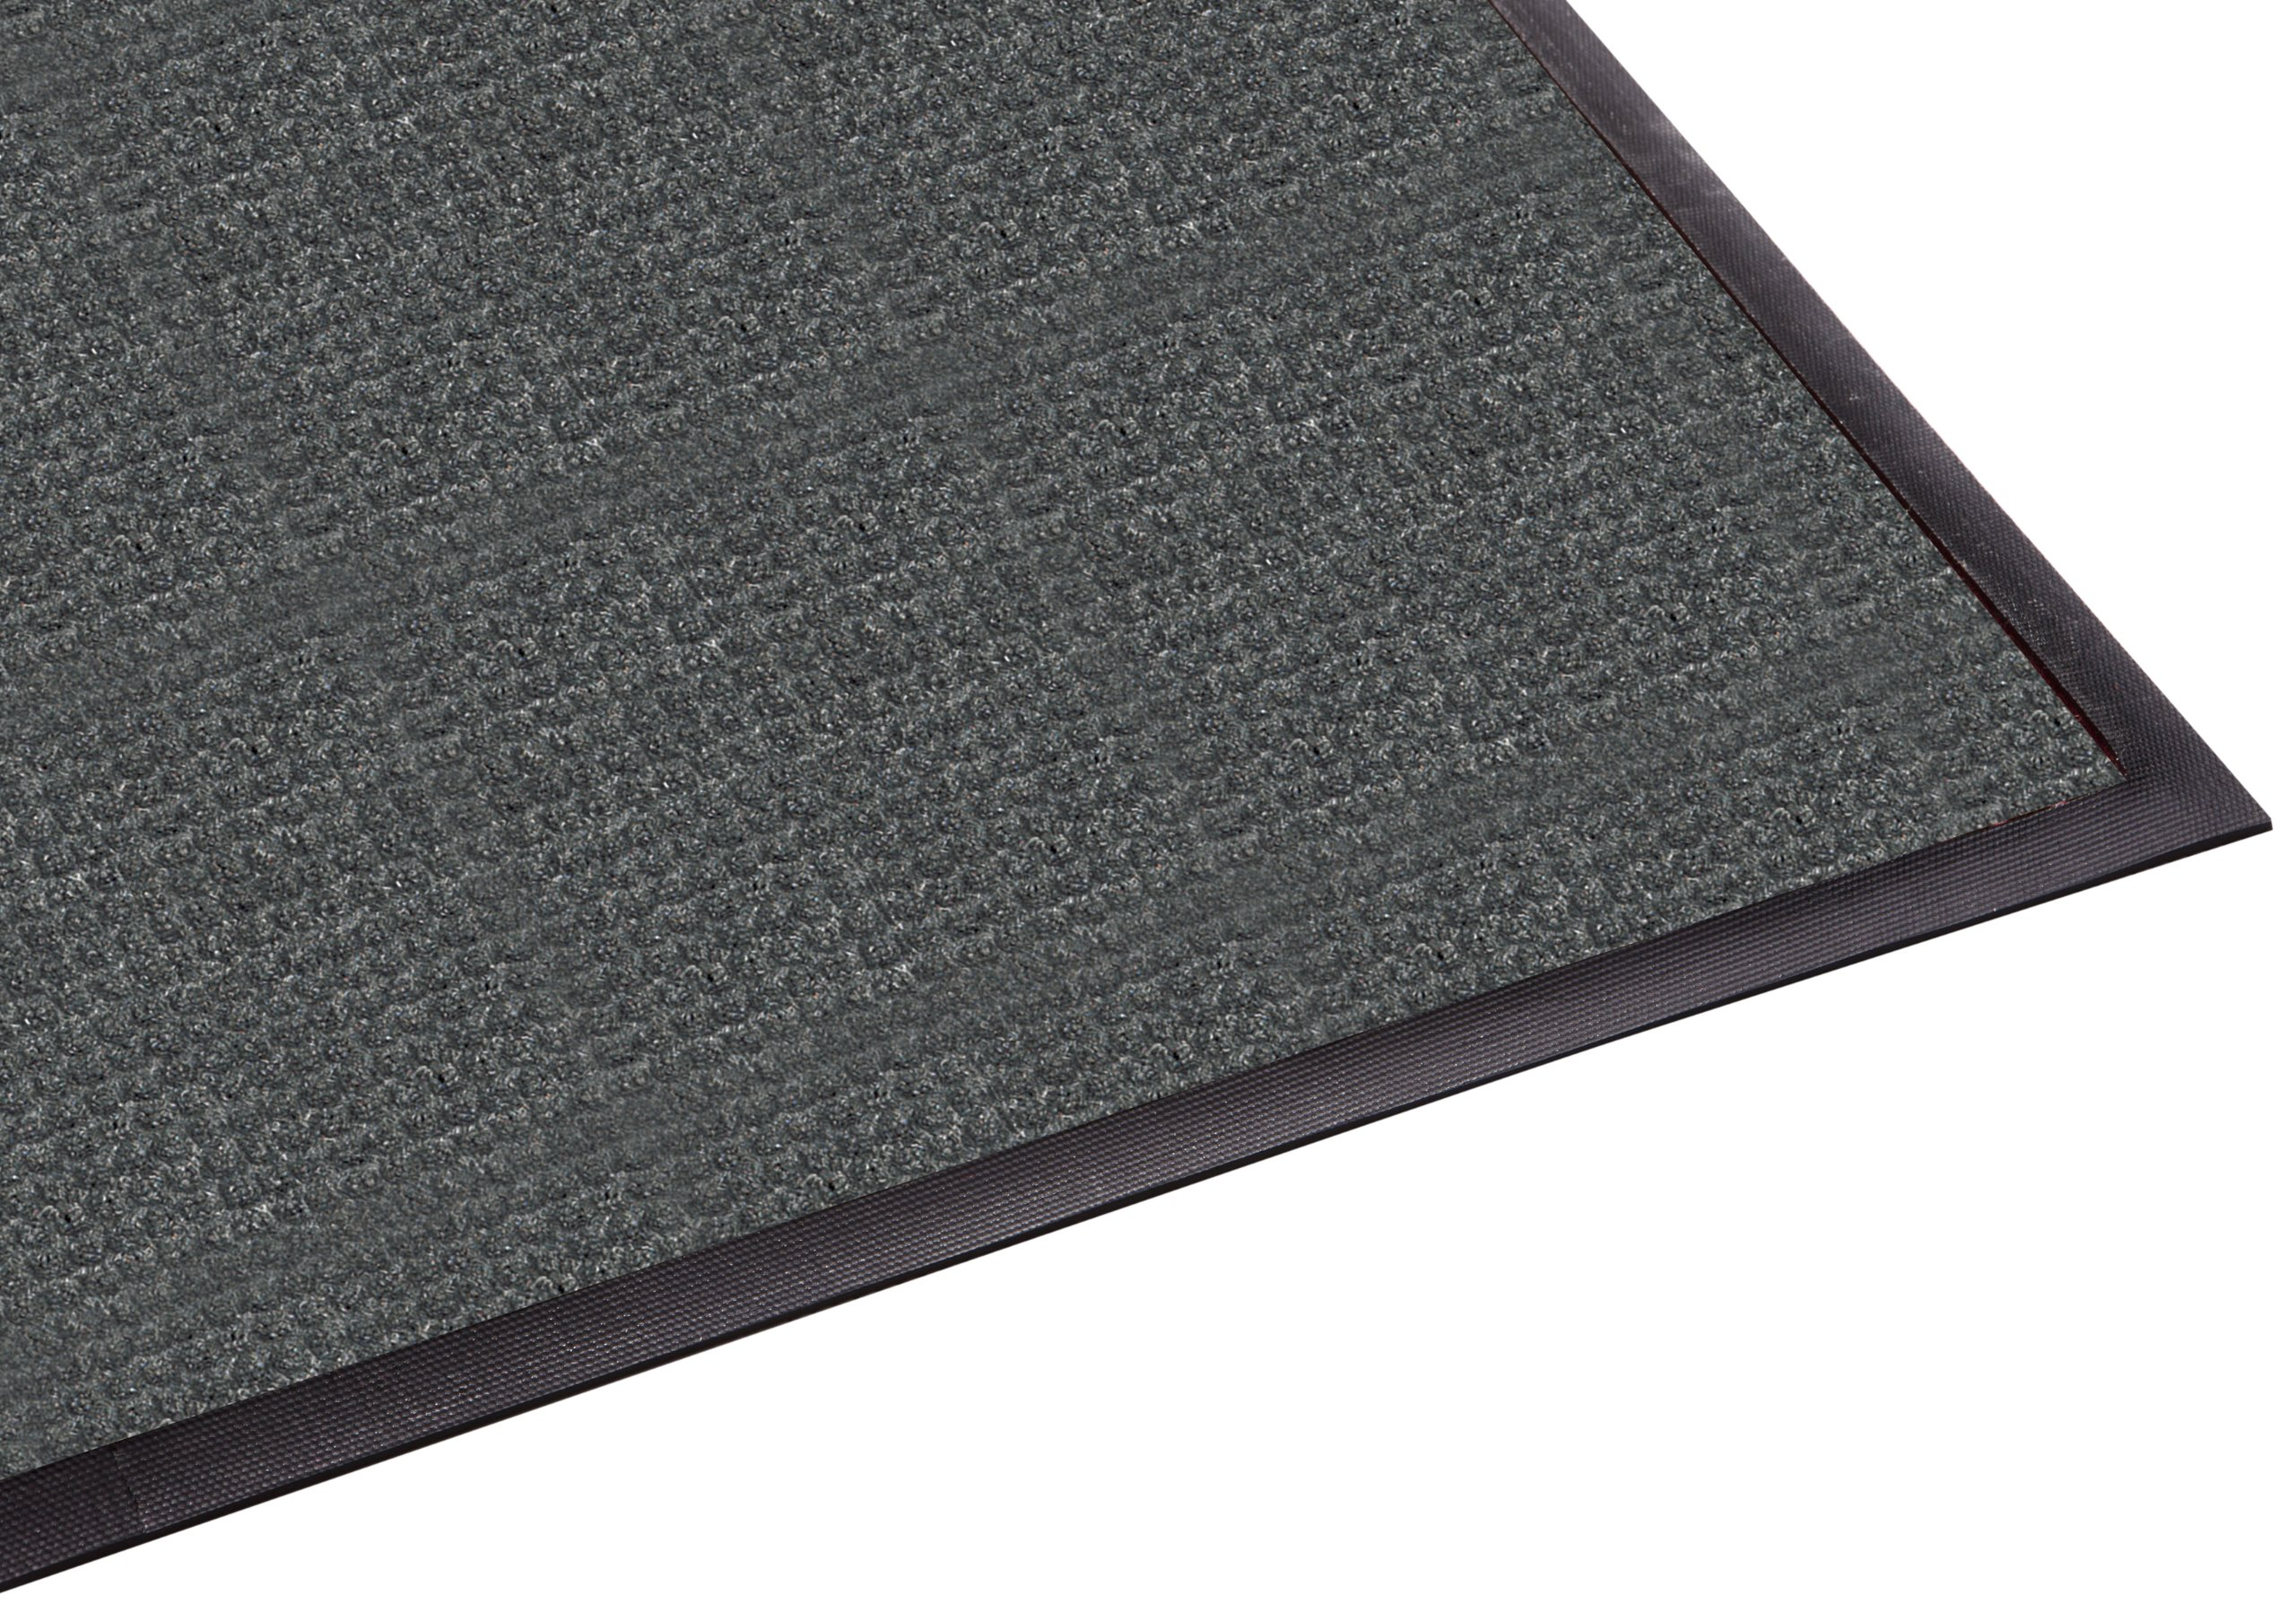 Guardian WaterGuard Indoor/Outdoor Wiper Scraper Floor Mat, Rubber/Nylon, 3'x4', Charcoal